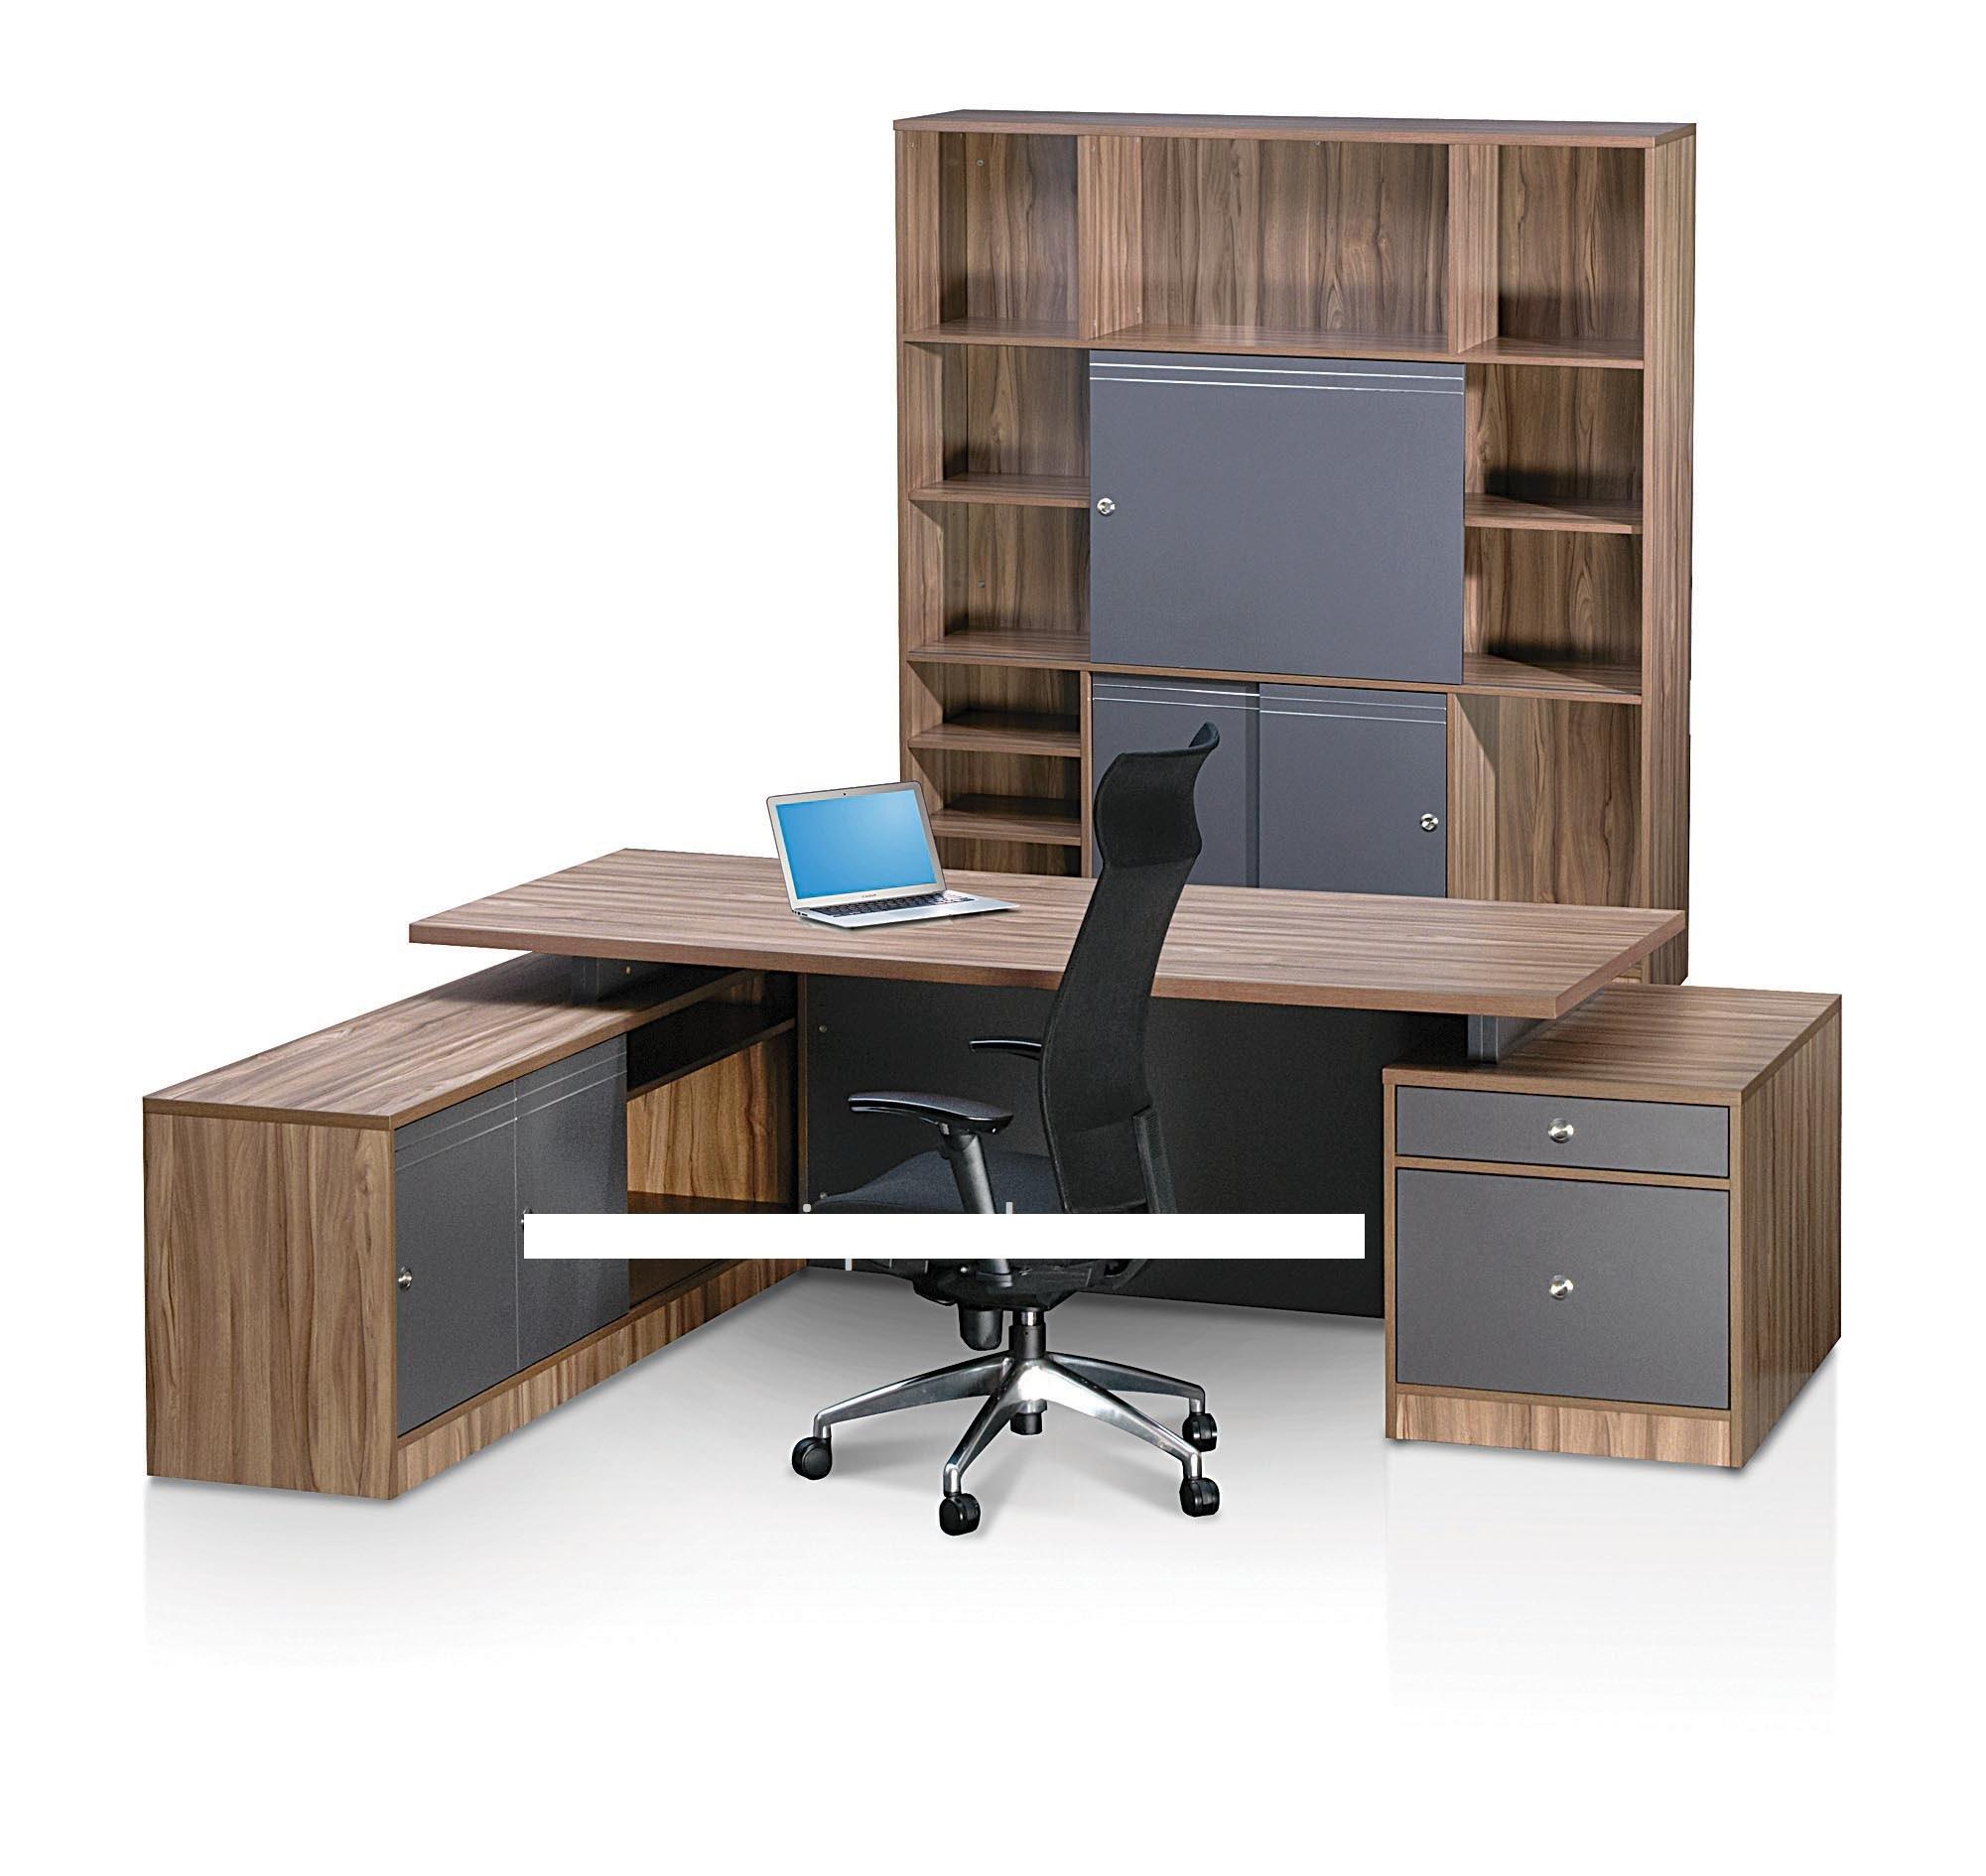 thi công bàn làm việc theo thiết kế